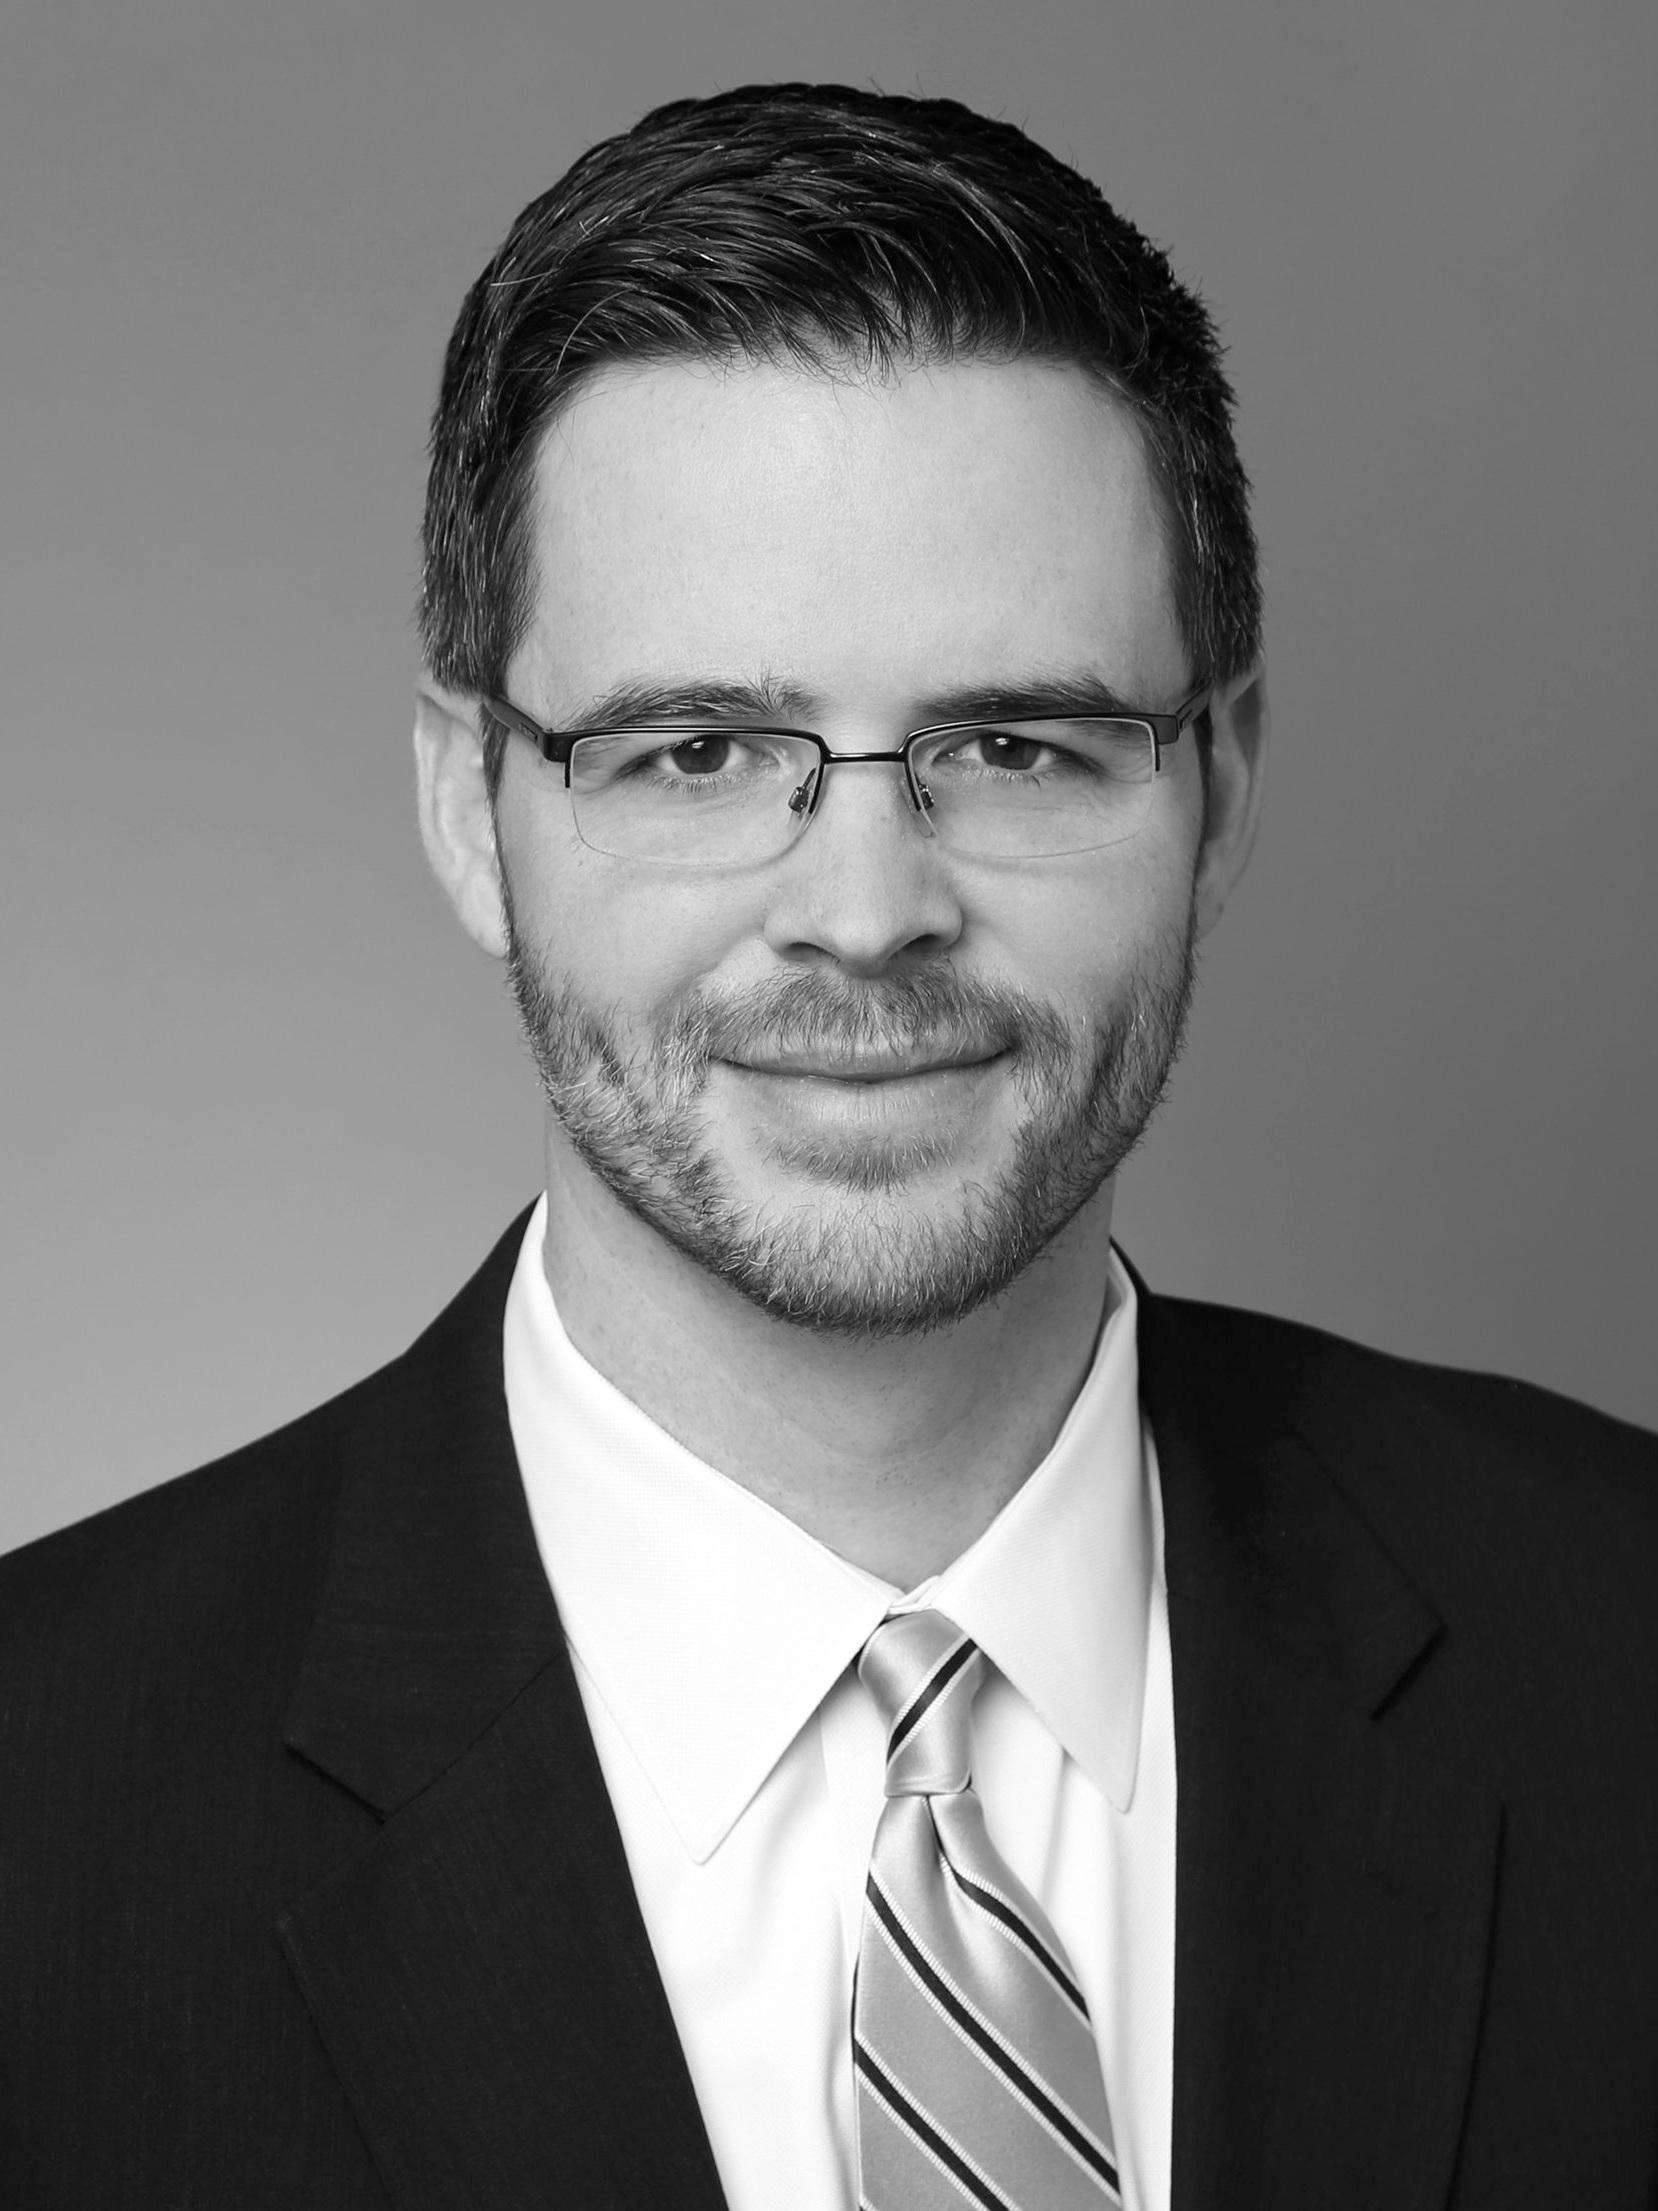 Christopher J. Pickett - Managing Partner312.596.7779cpickett@lpplawfirm.com